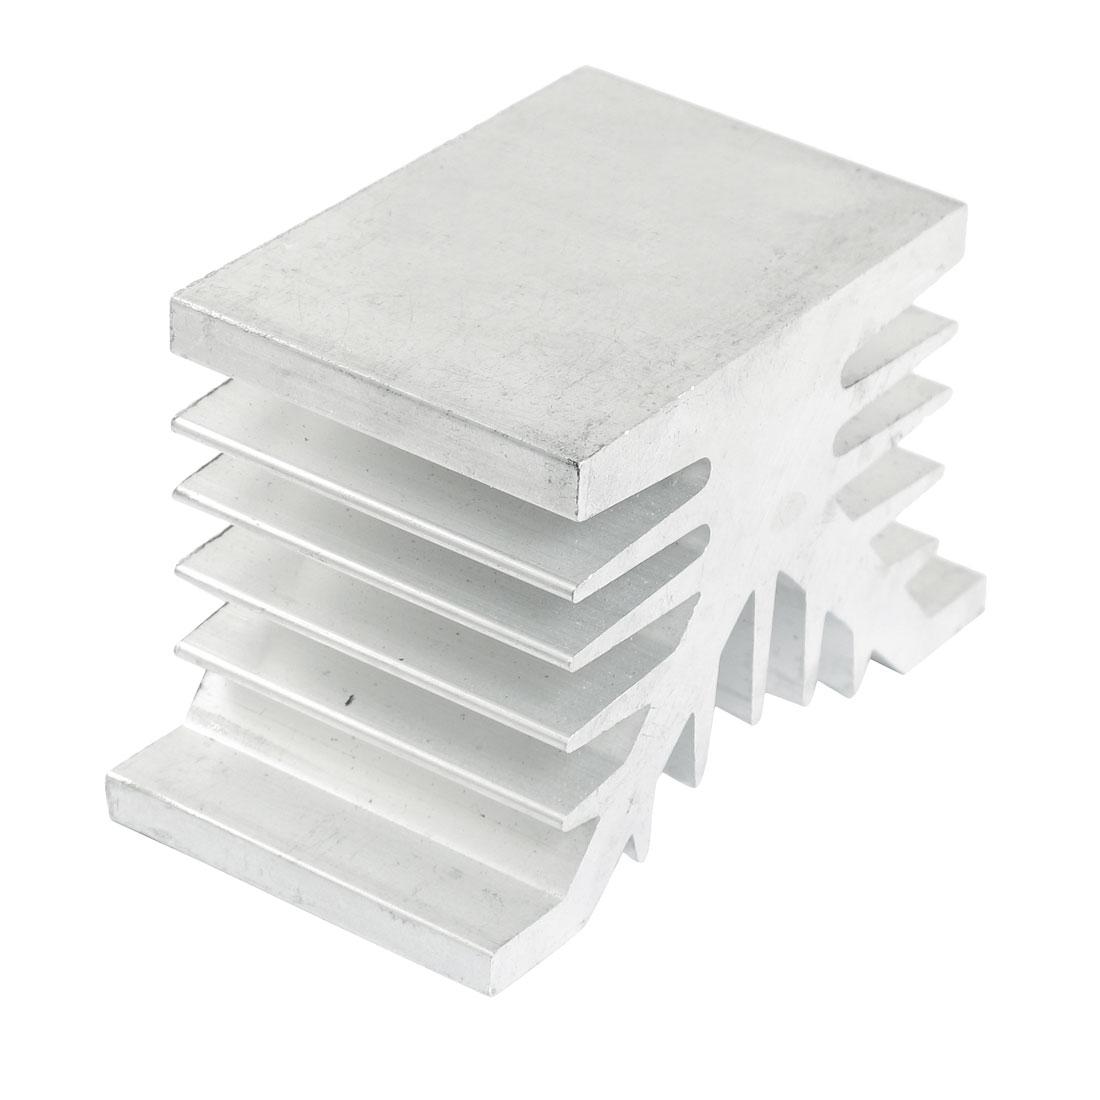 80mm x 50mm x 42mm Heatsink Heat Diffuse Aluminium Cooling Fin